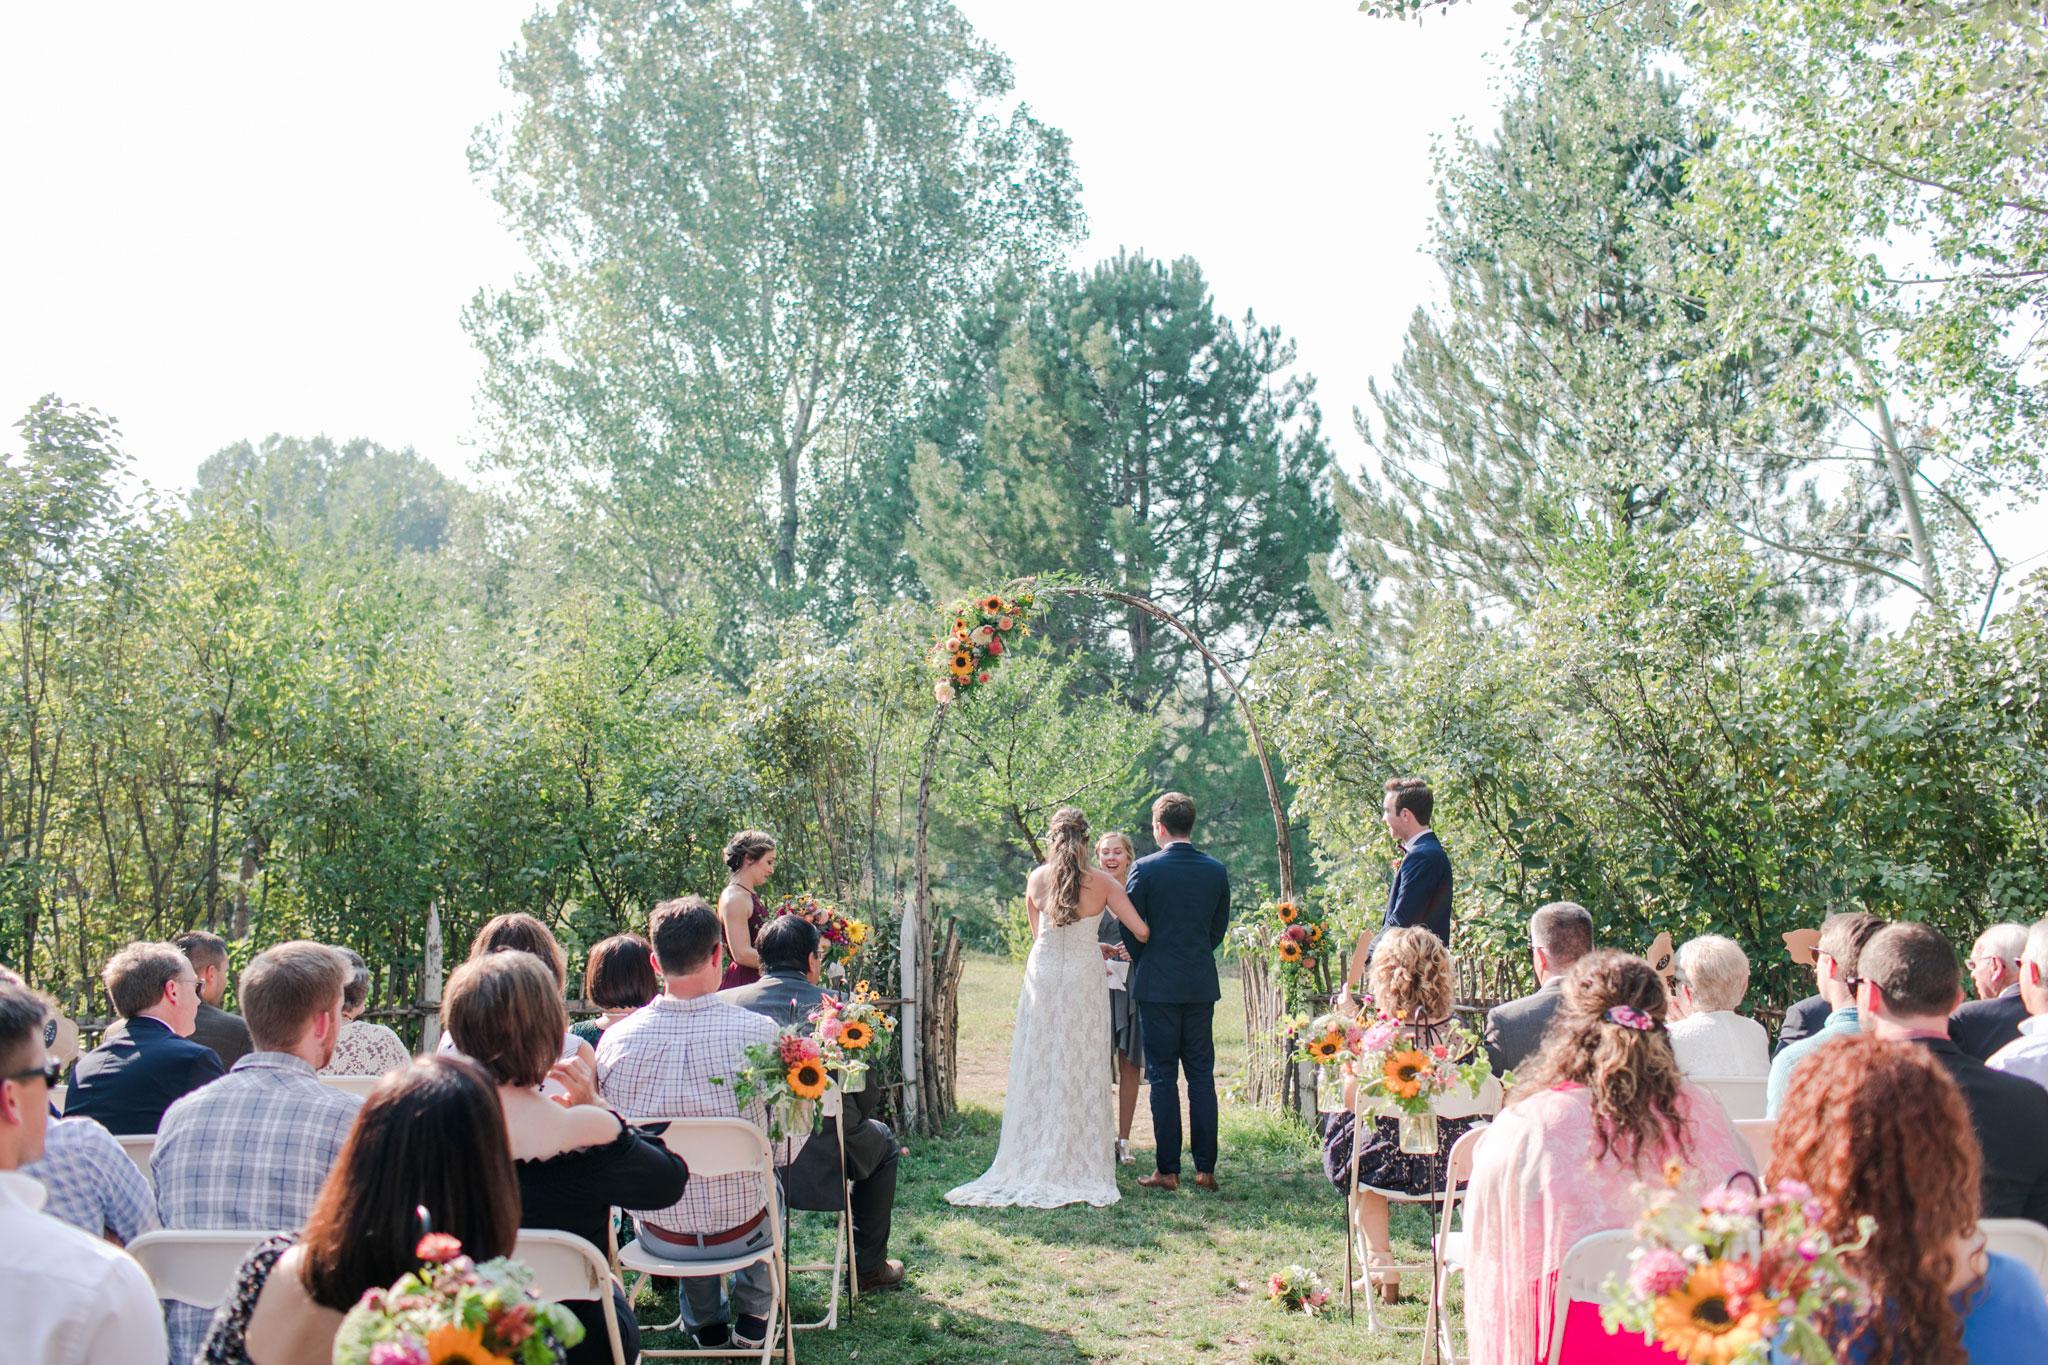 Ceremony | A Boho Garden Wedding in Colorado